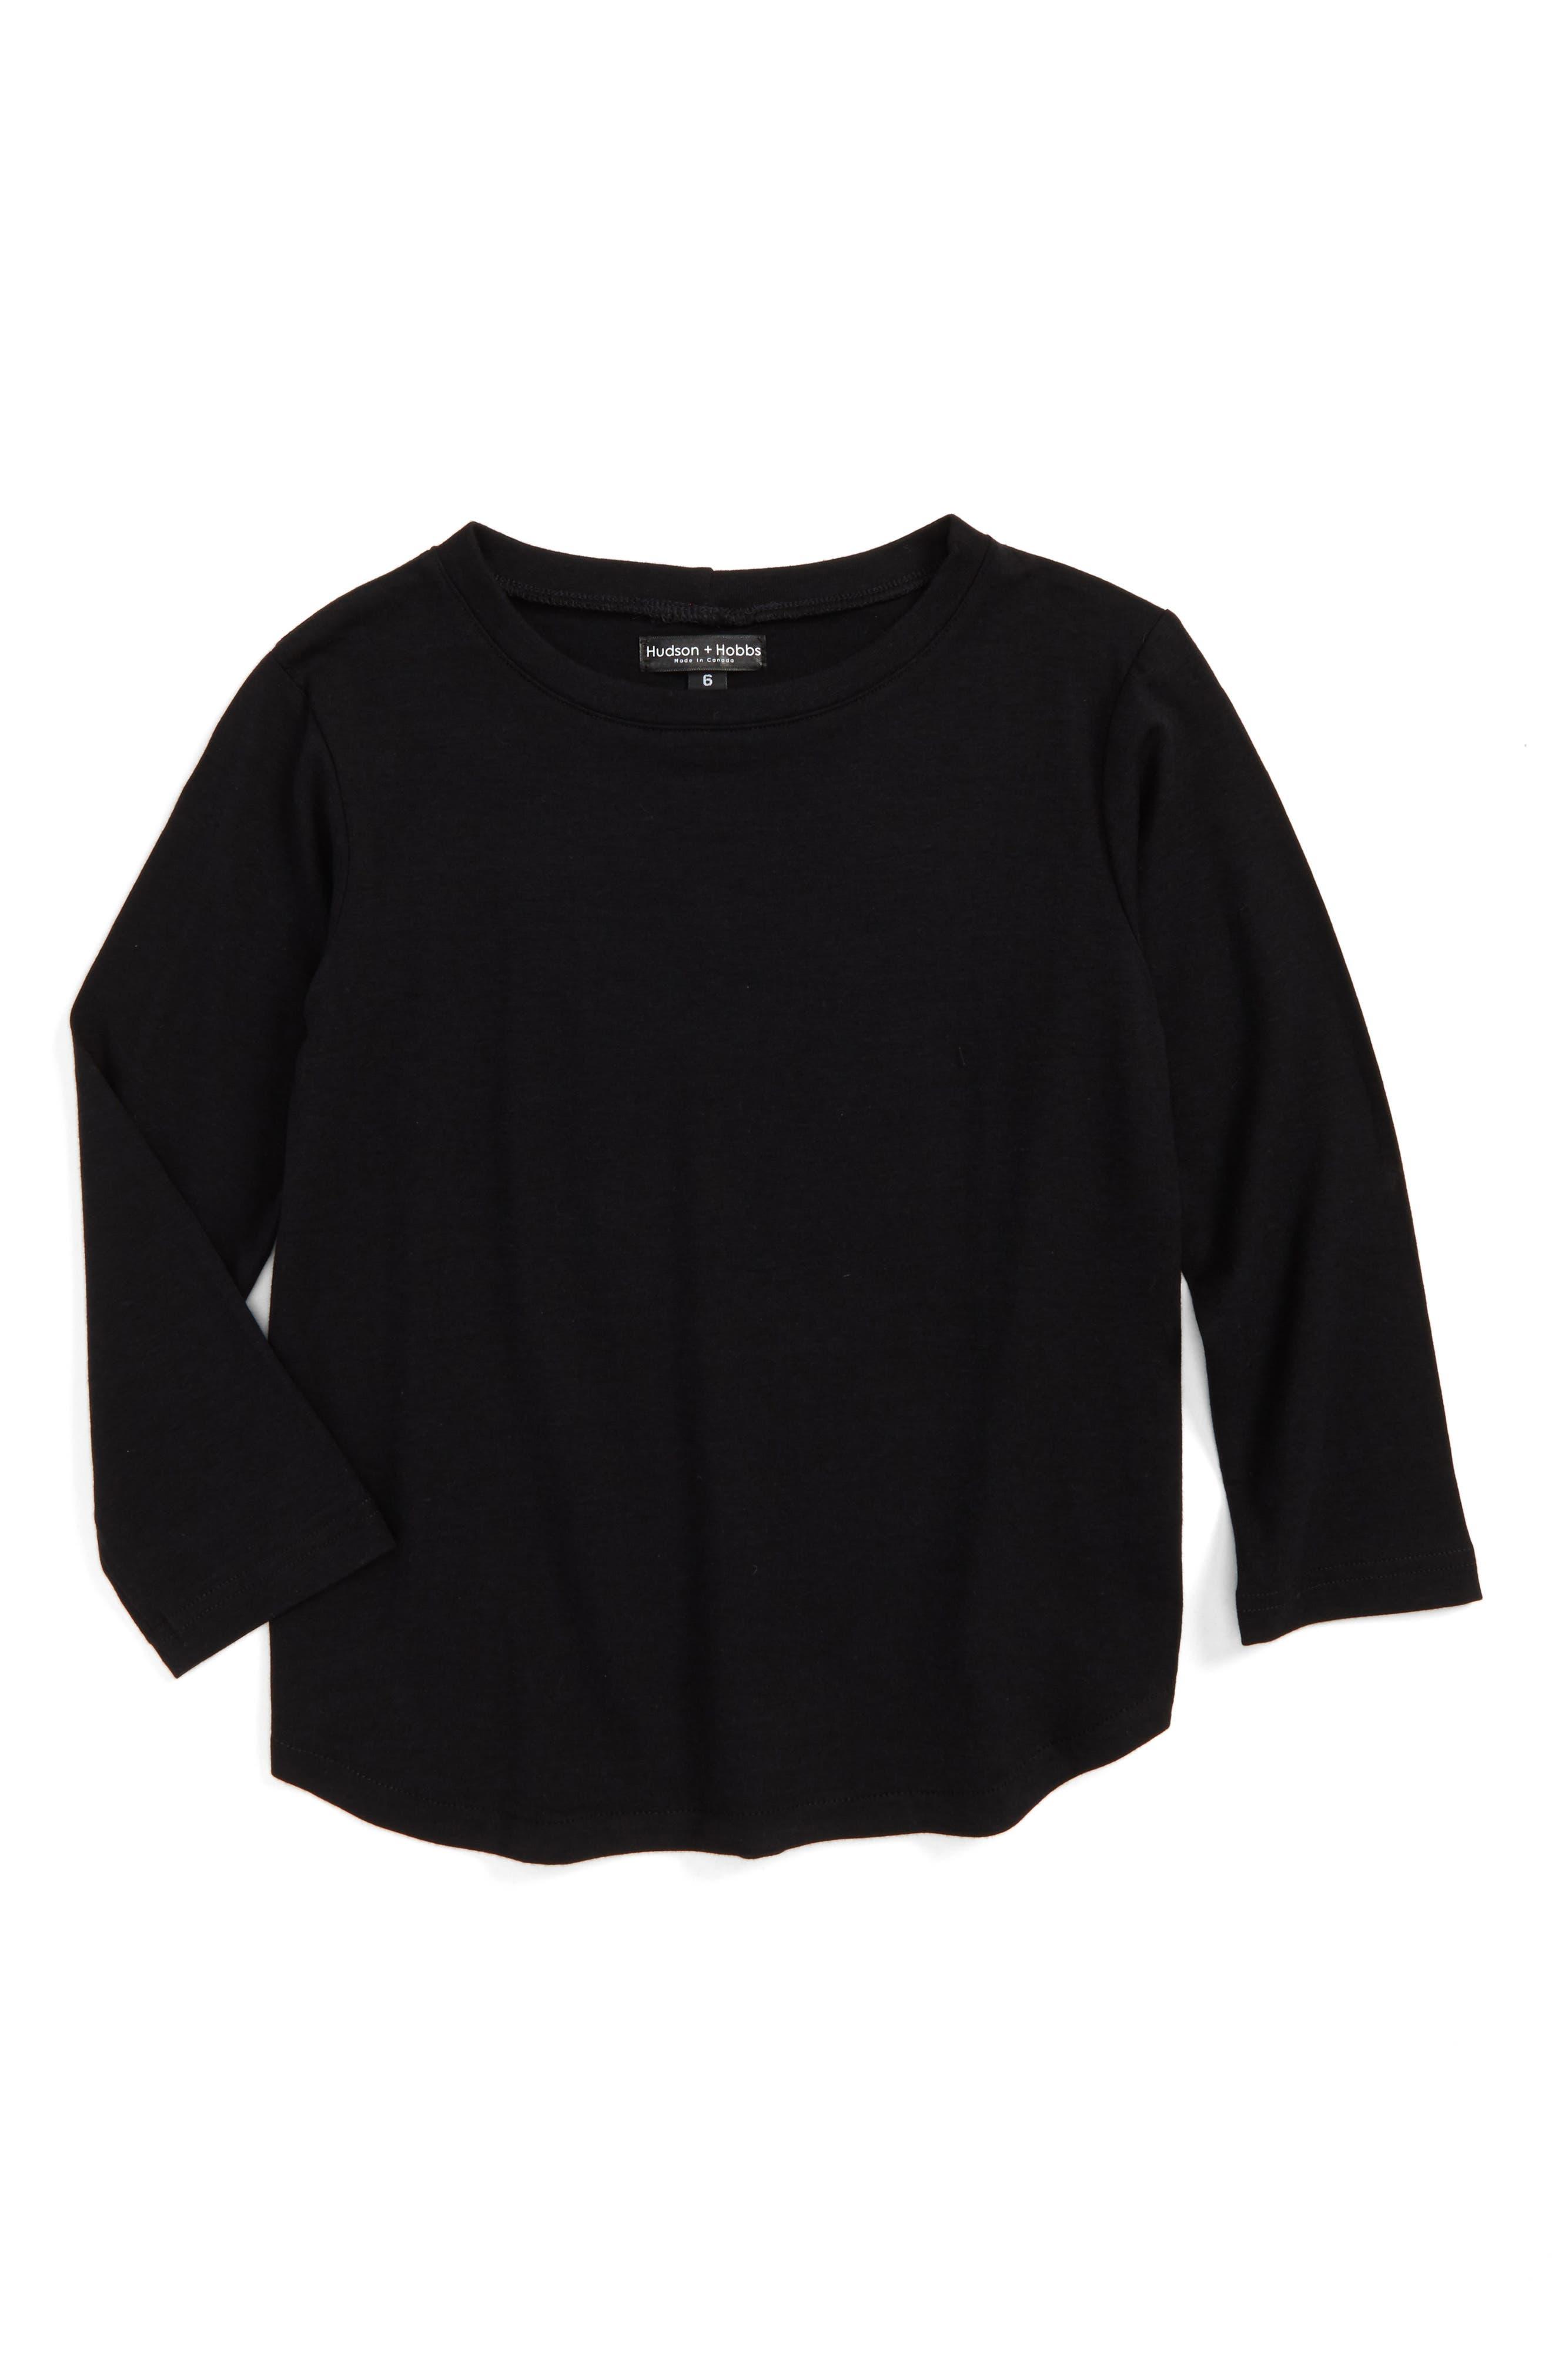 Alternate Image 1 Selected - Hudson + Hobbs Long Sleeve T-Shirt (Toddler Boys, Little Boys & Big Boys)